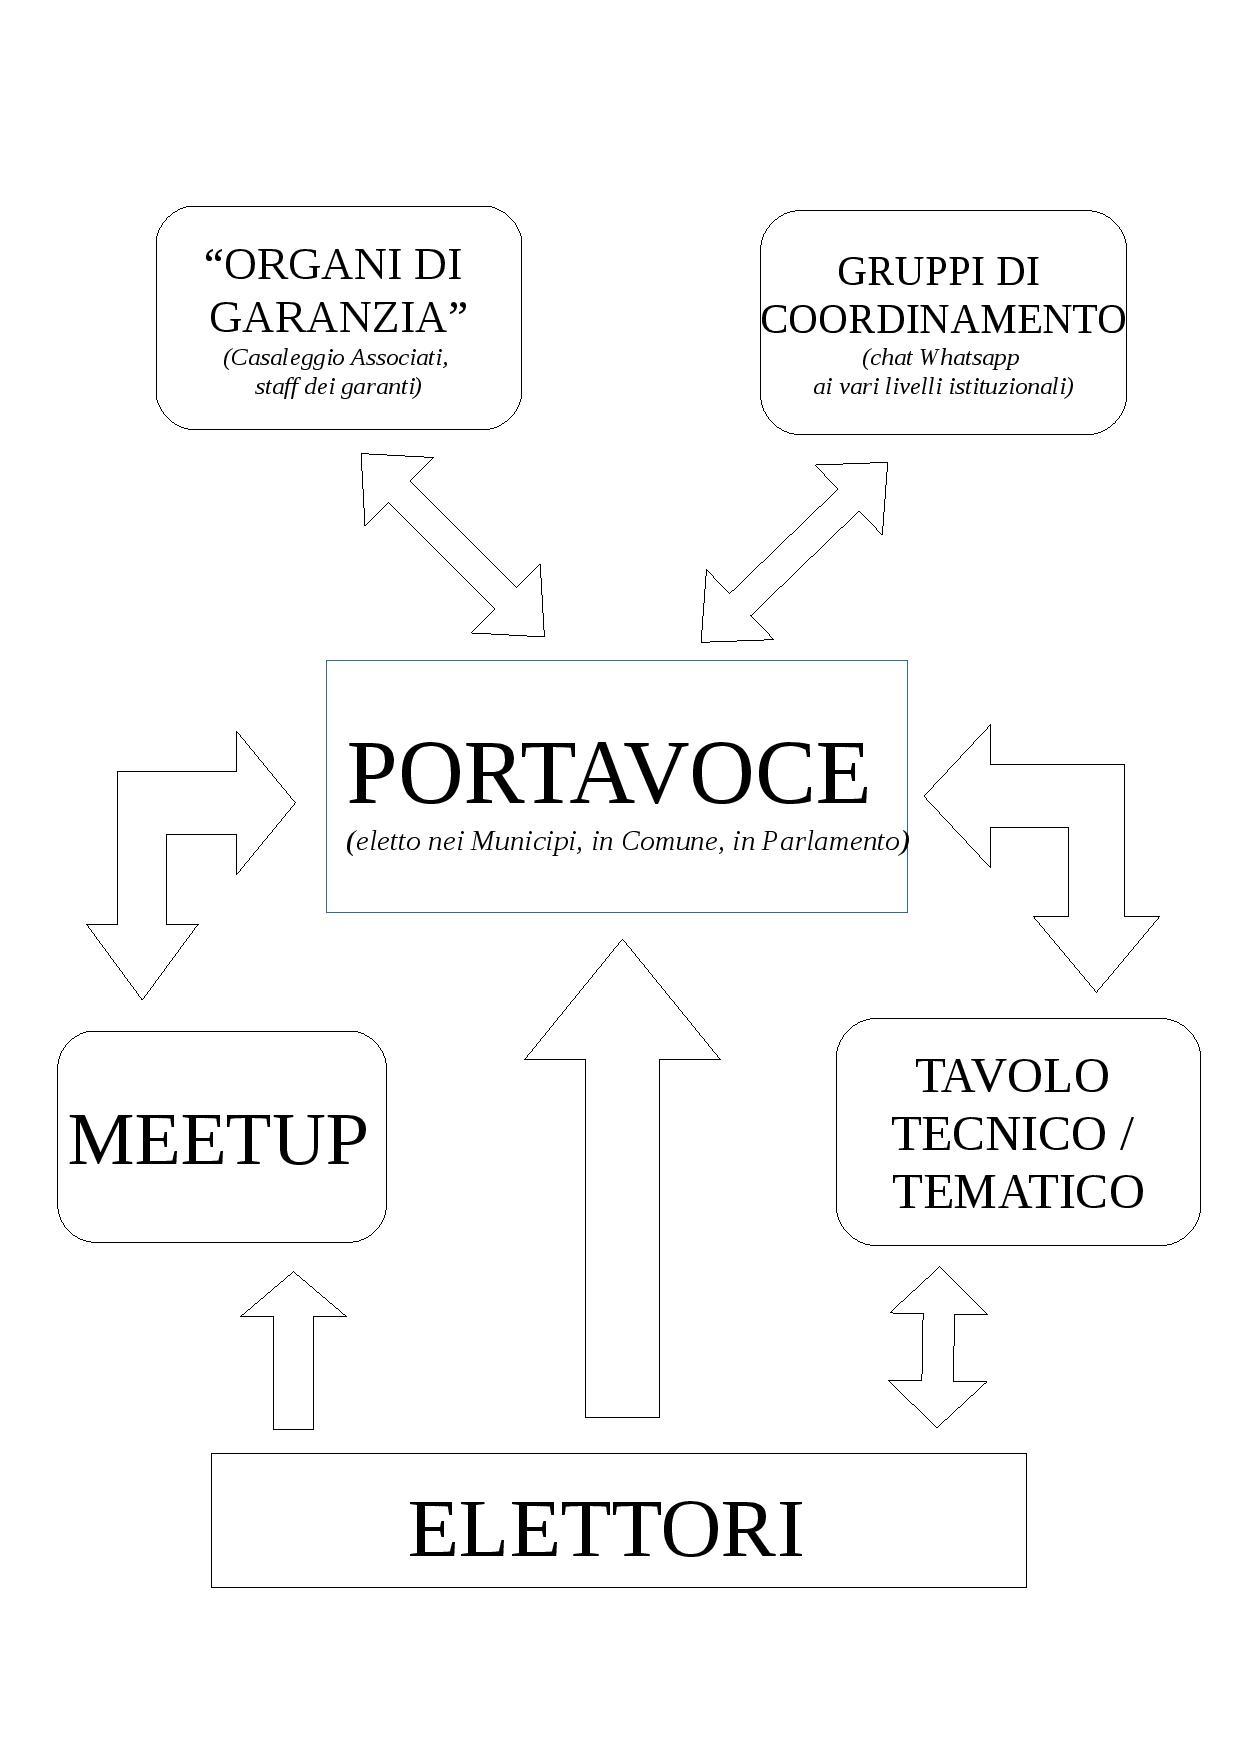 Flusso organizzativo del Movimento Cinque Stelle - mia elaborazione